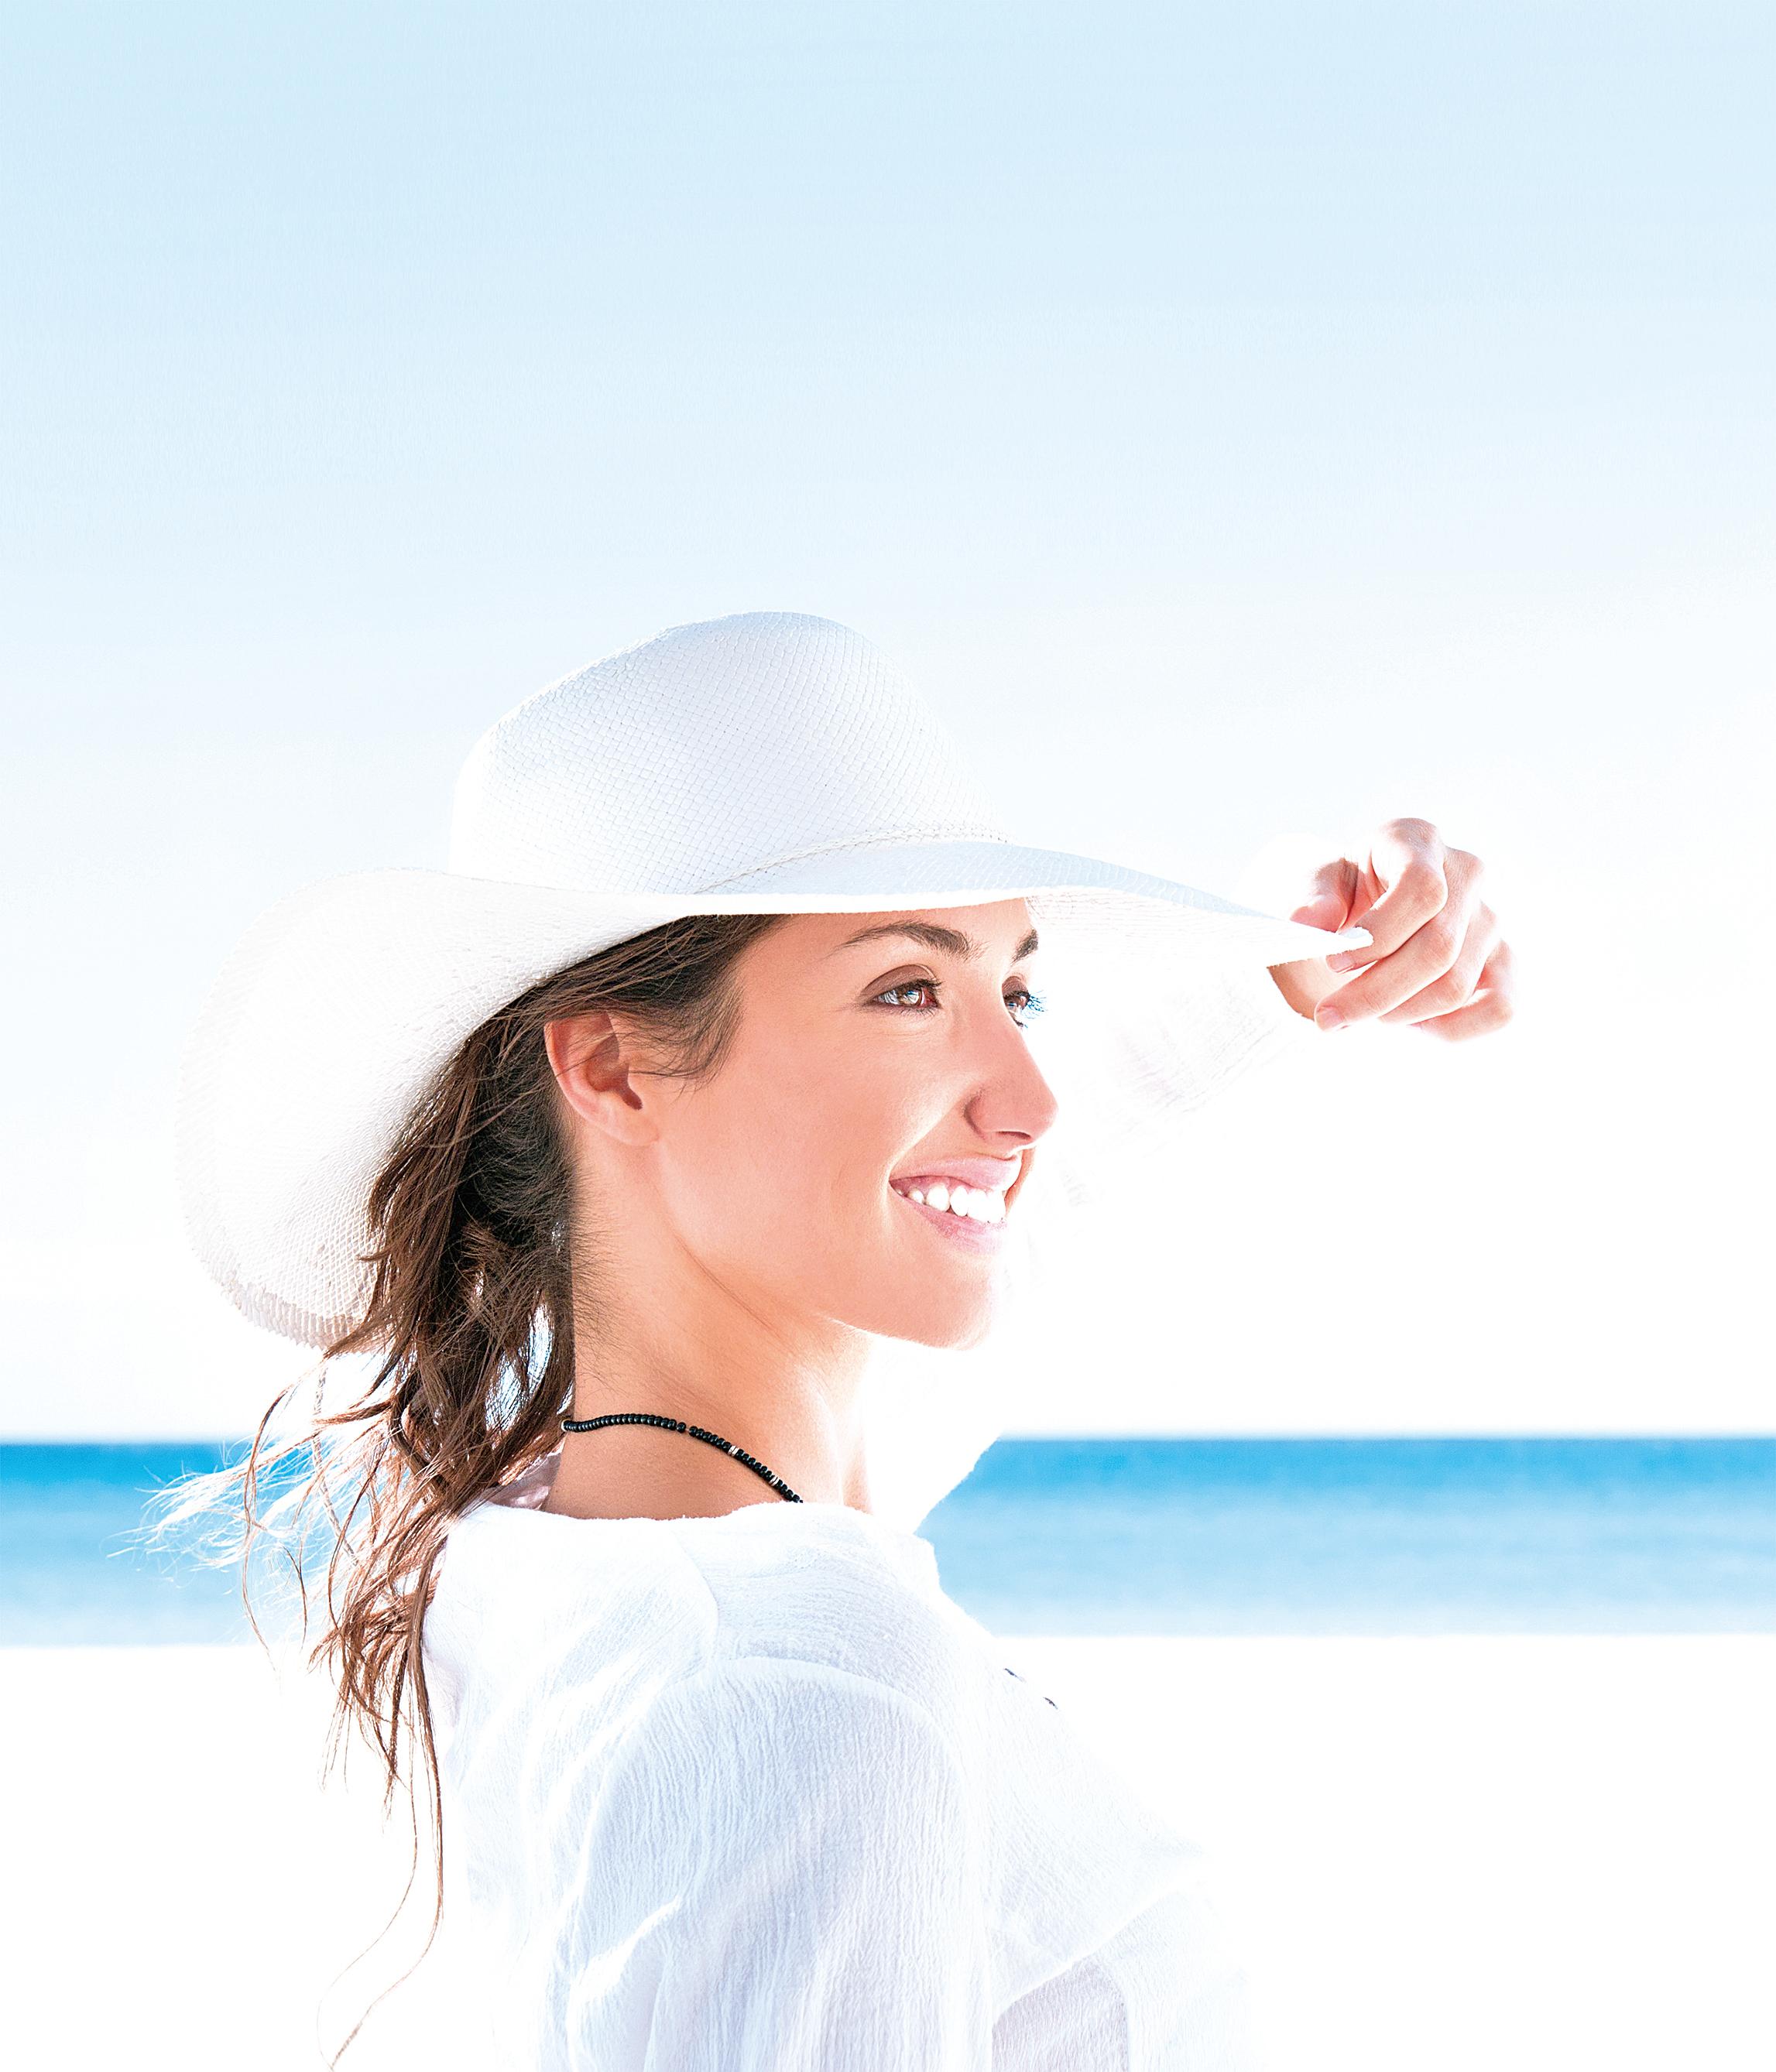 保養愈簡單愈好  3步驟就能擁有好膚質